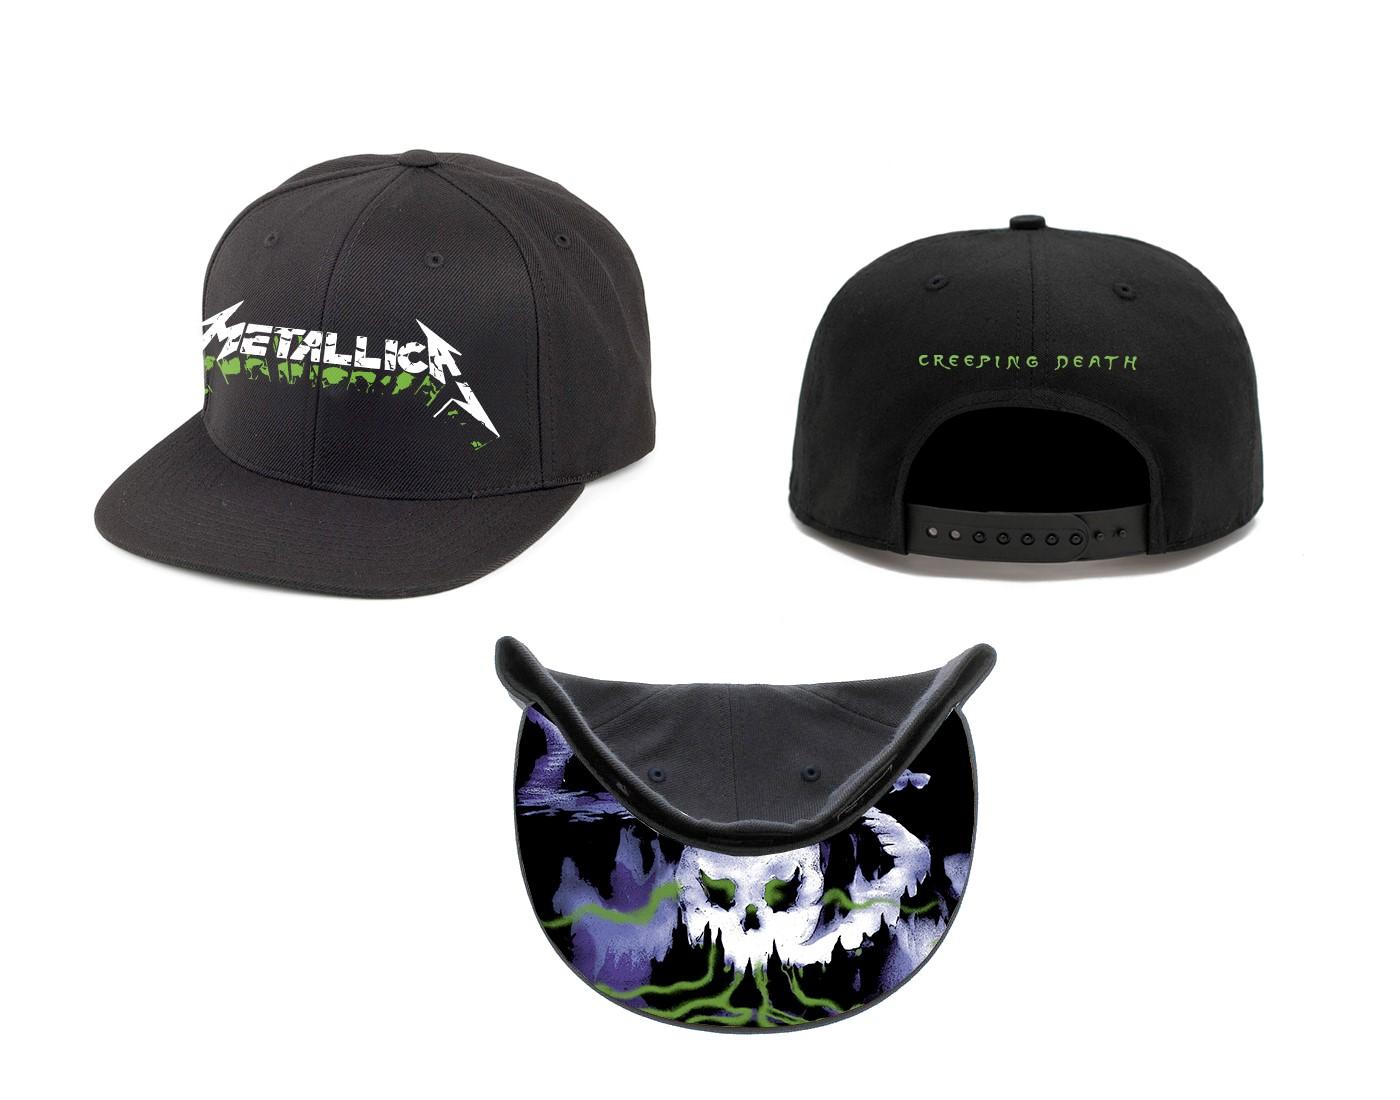 Creeping Death Snapback Cap - Metallica